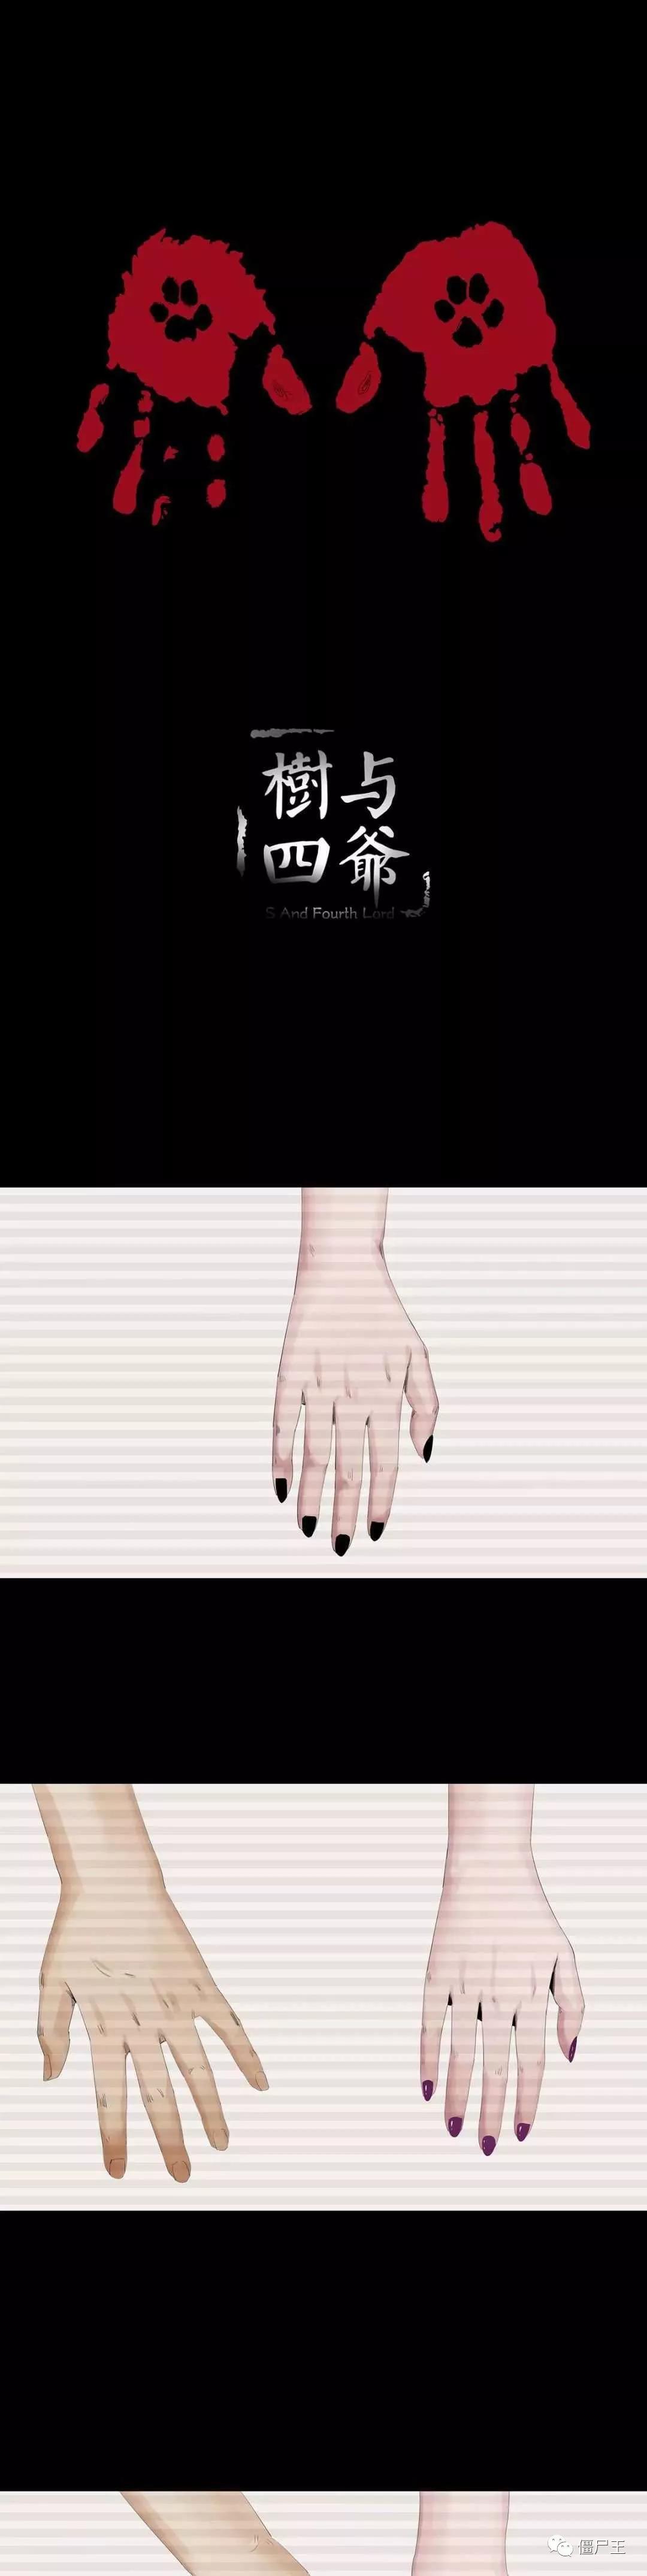 僵尸王漫画:红掌印之到处都是你